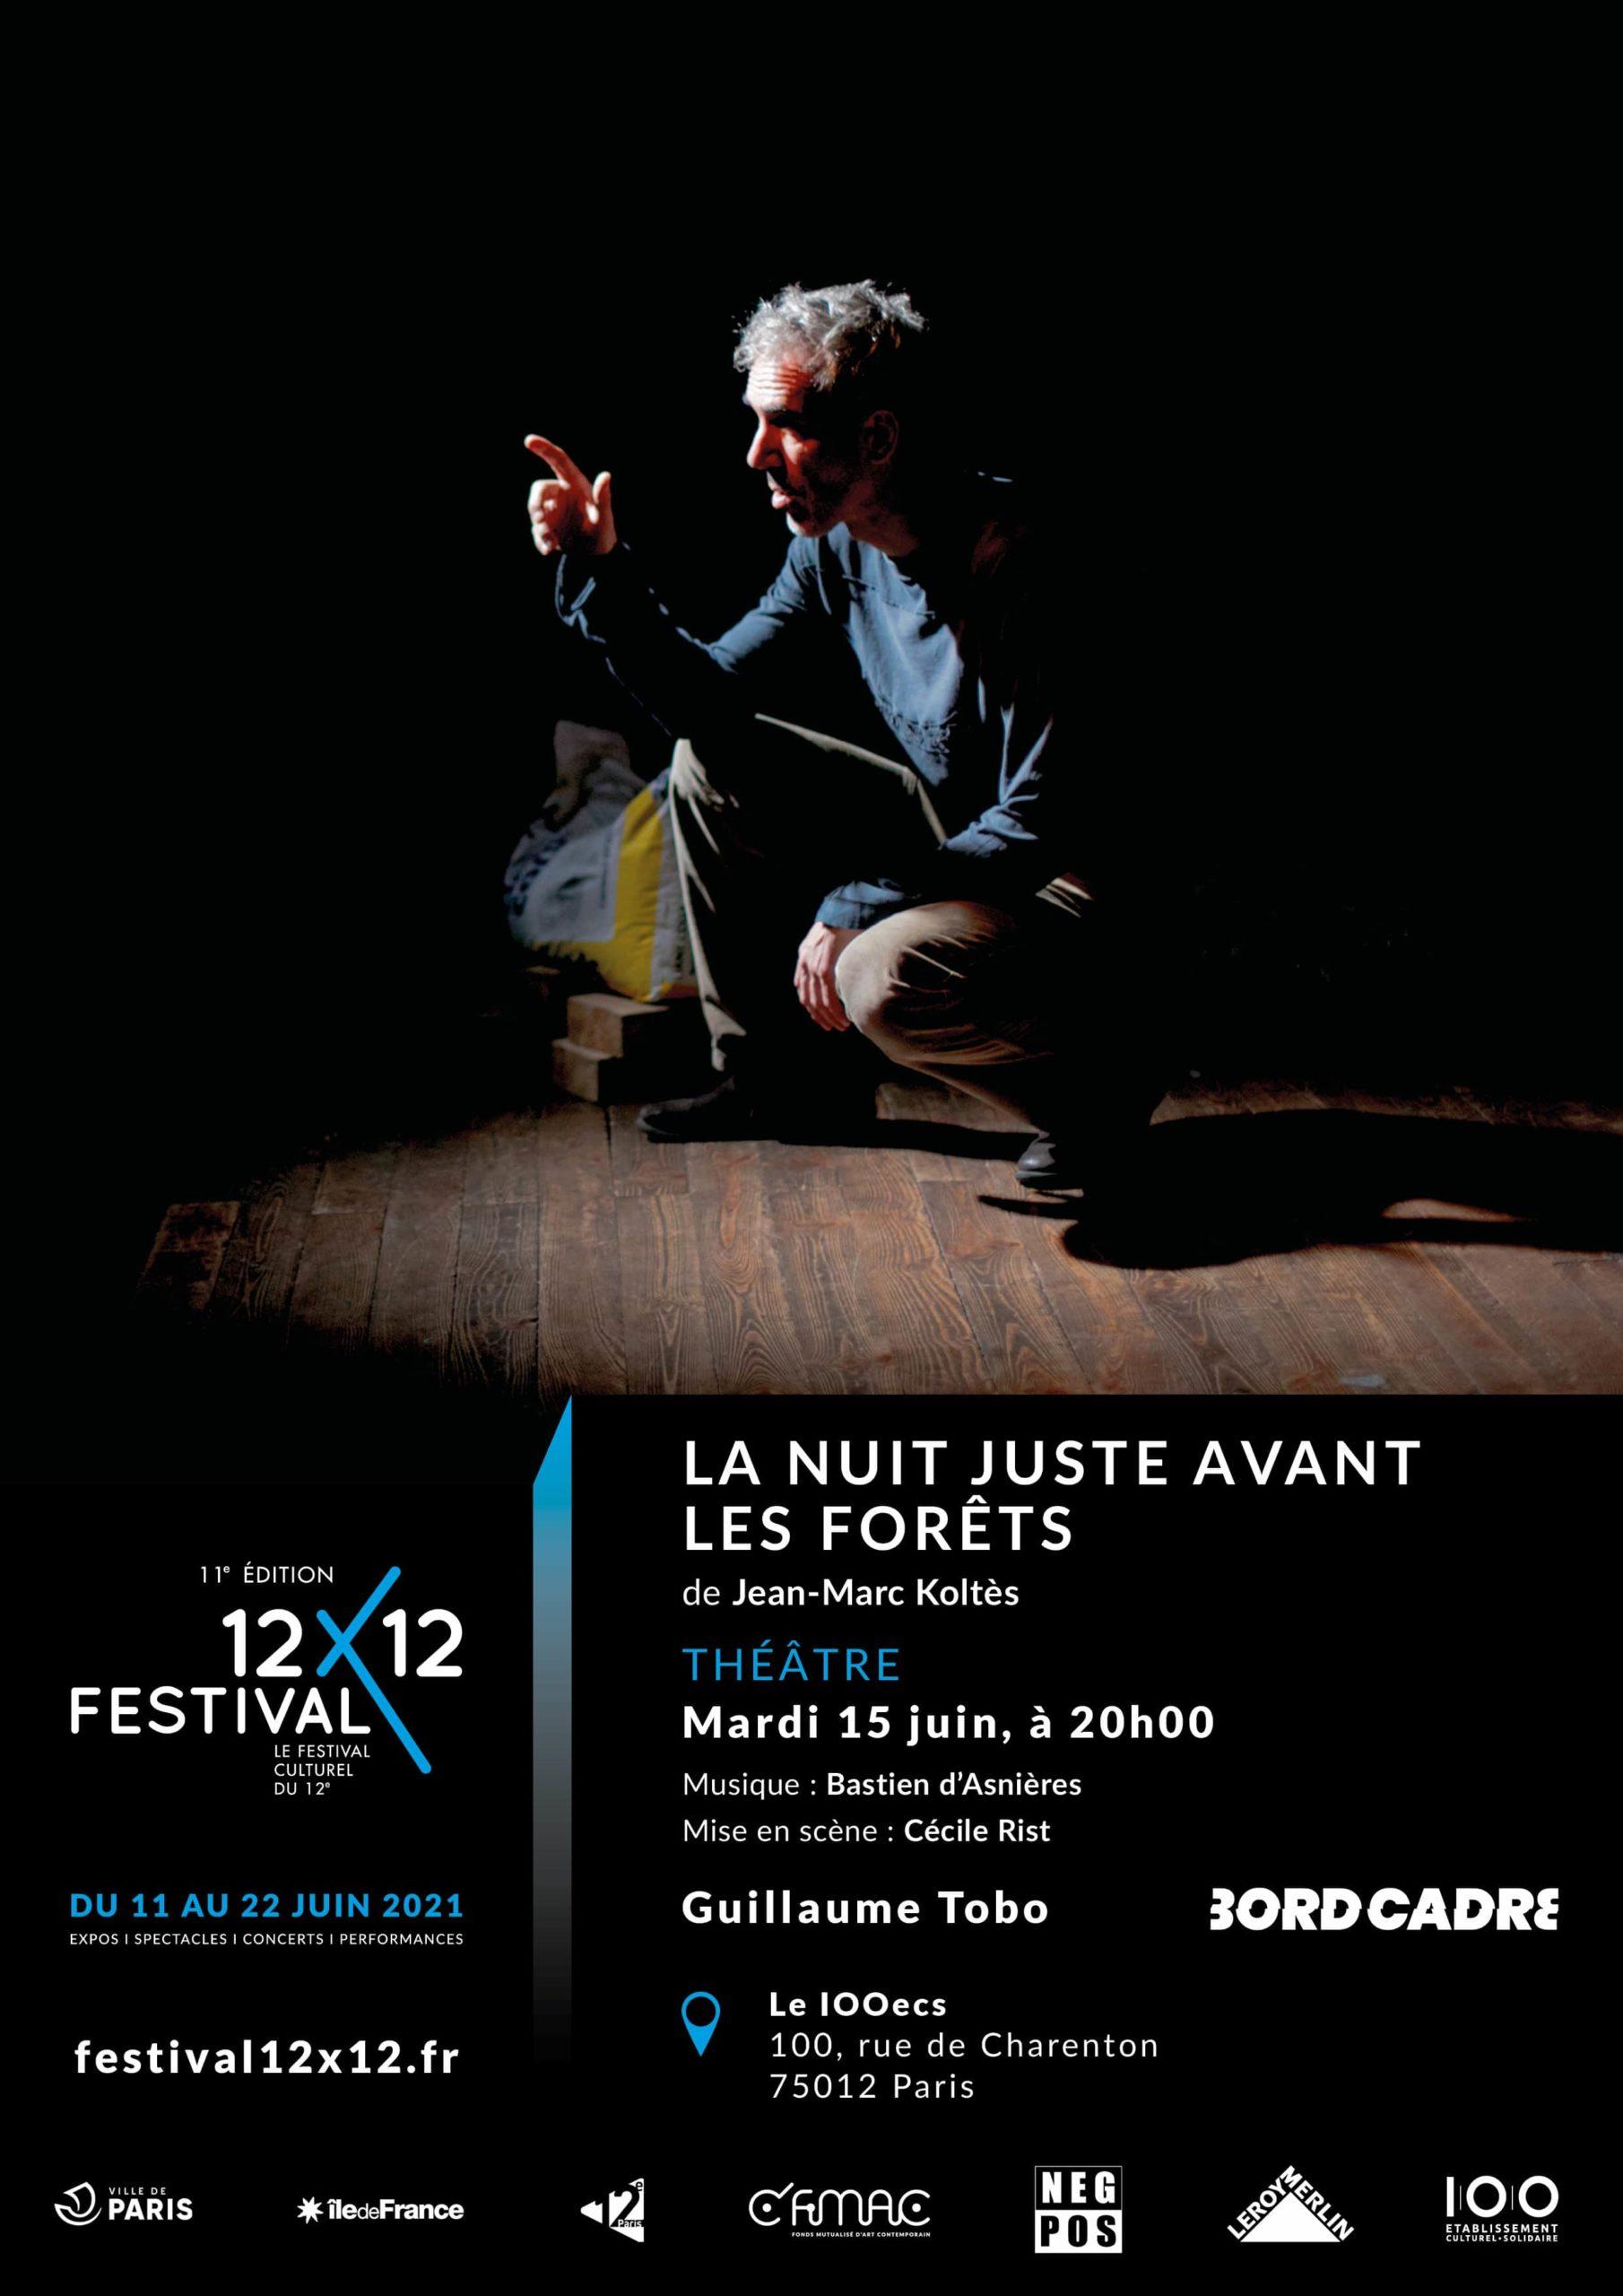 La nuit juste avant les forêts Le 100 ECS Paris